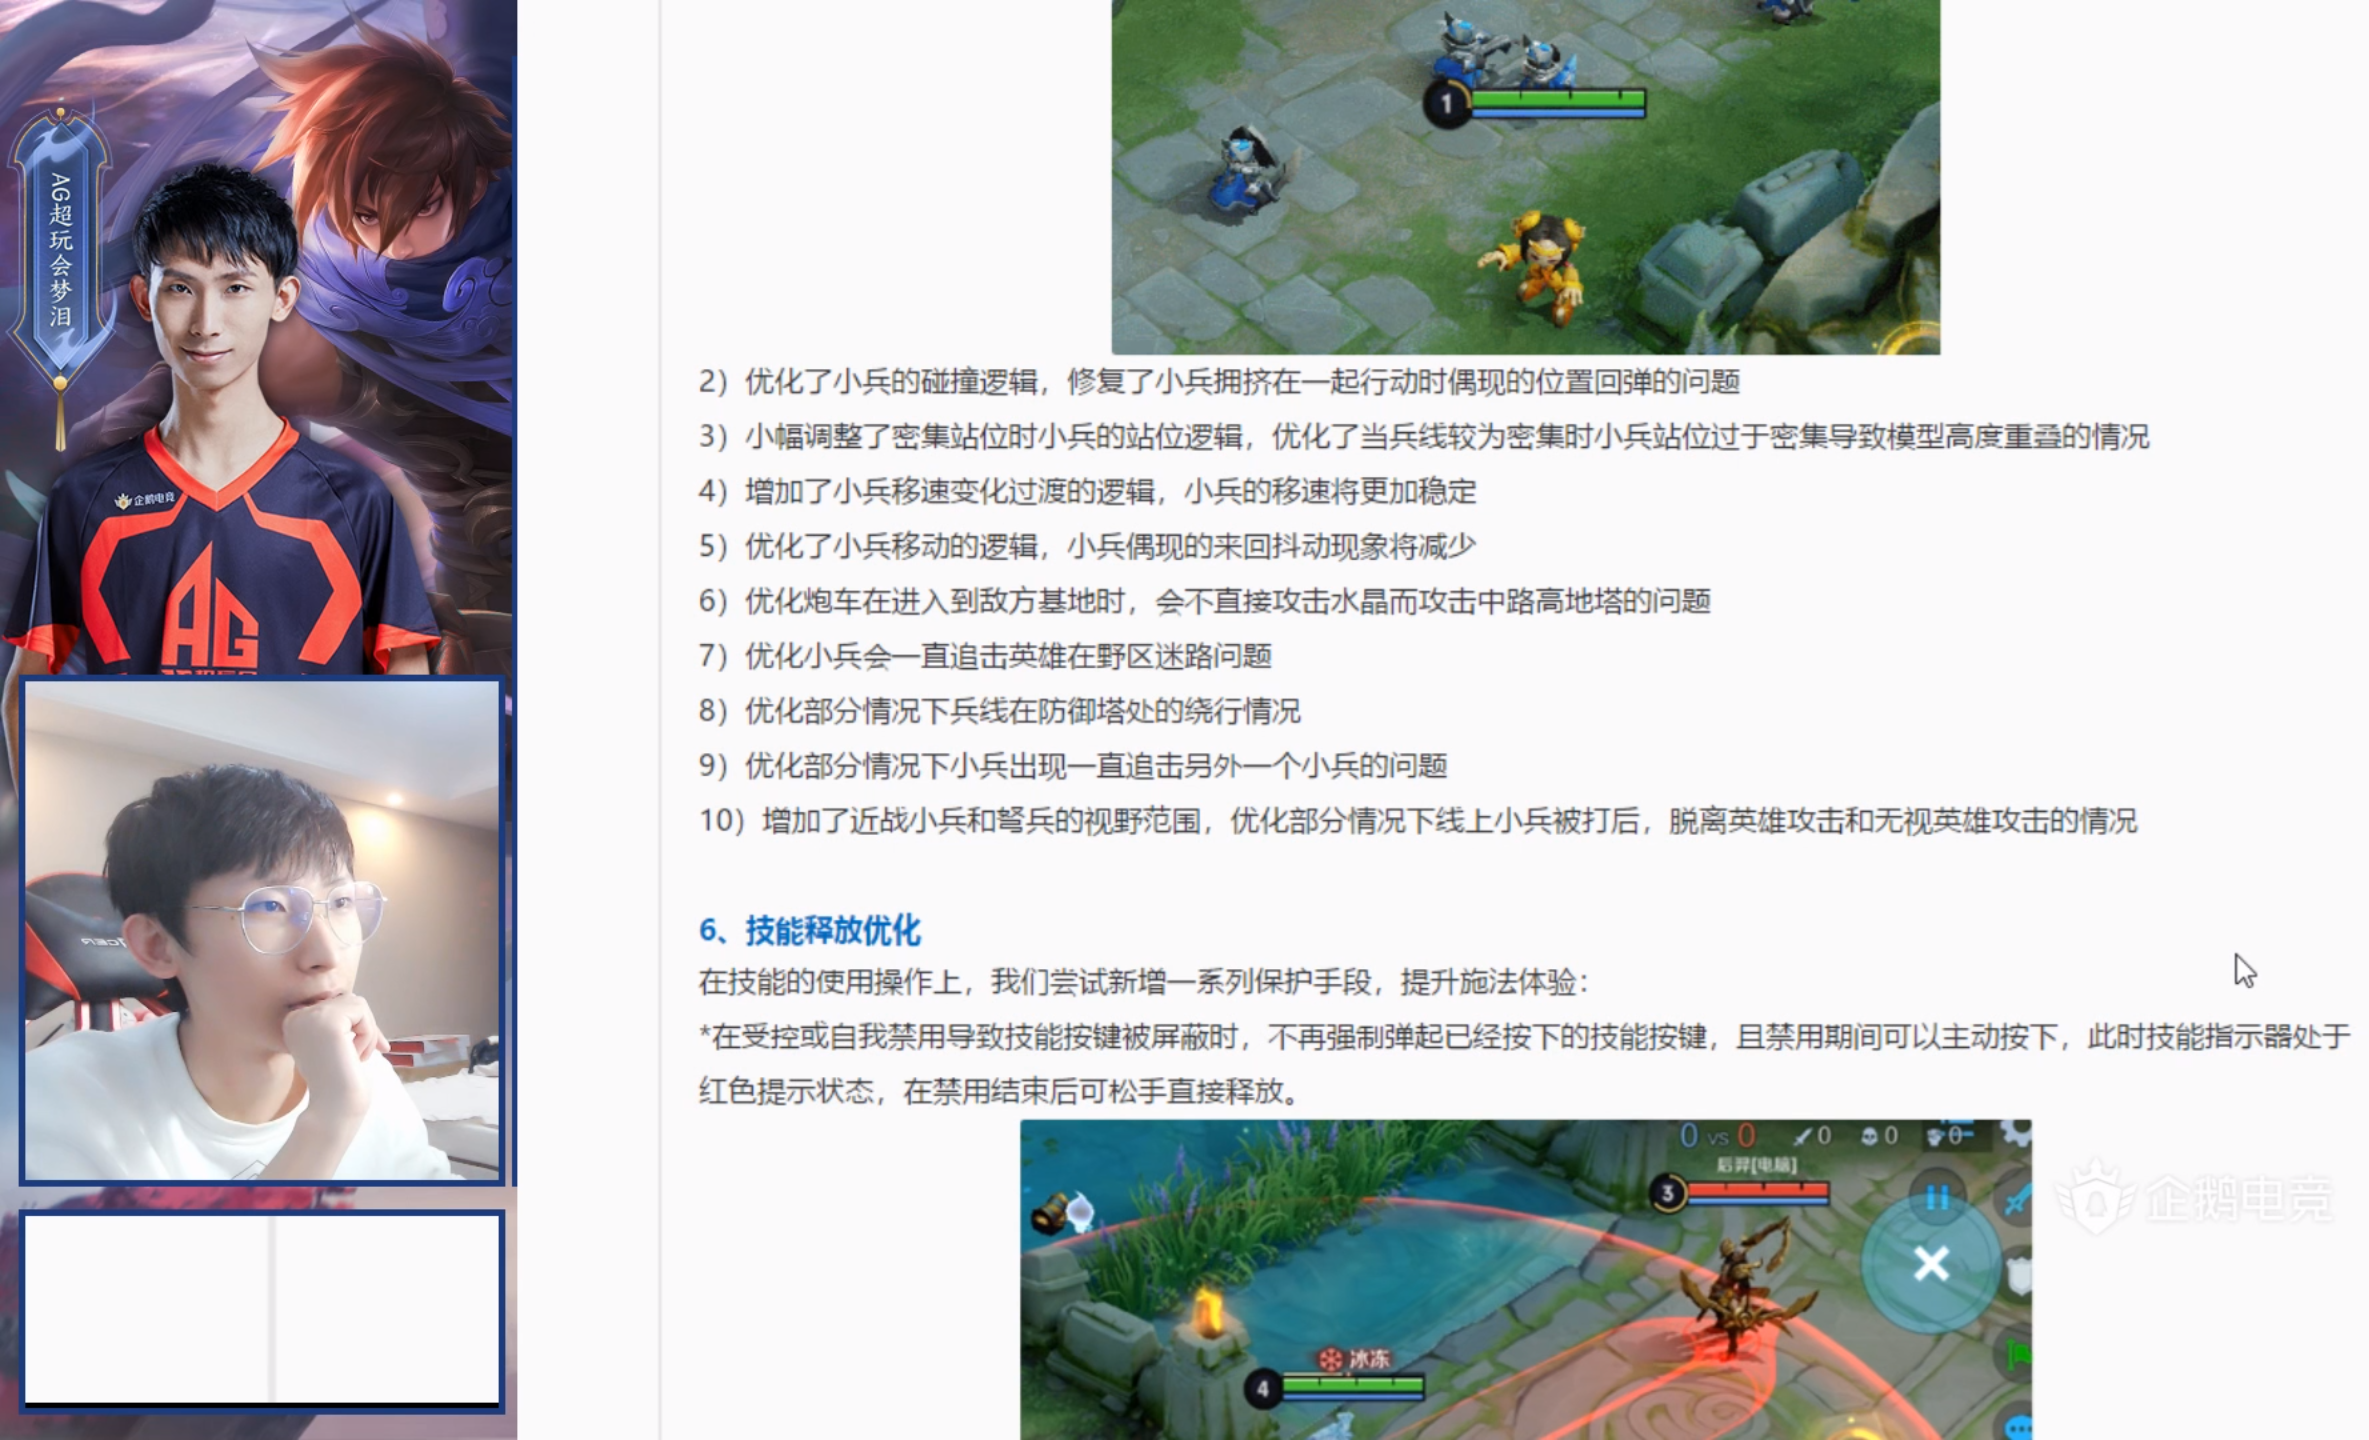 《【煜星平台手机版登陆】王者荣耀:AG梦泪对全新版本进行讲解,这一次的改动幅度很大!》